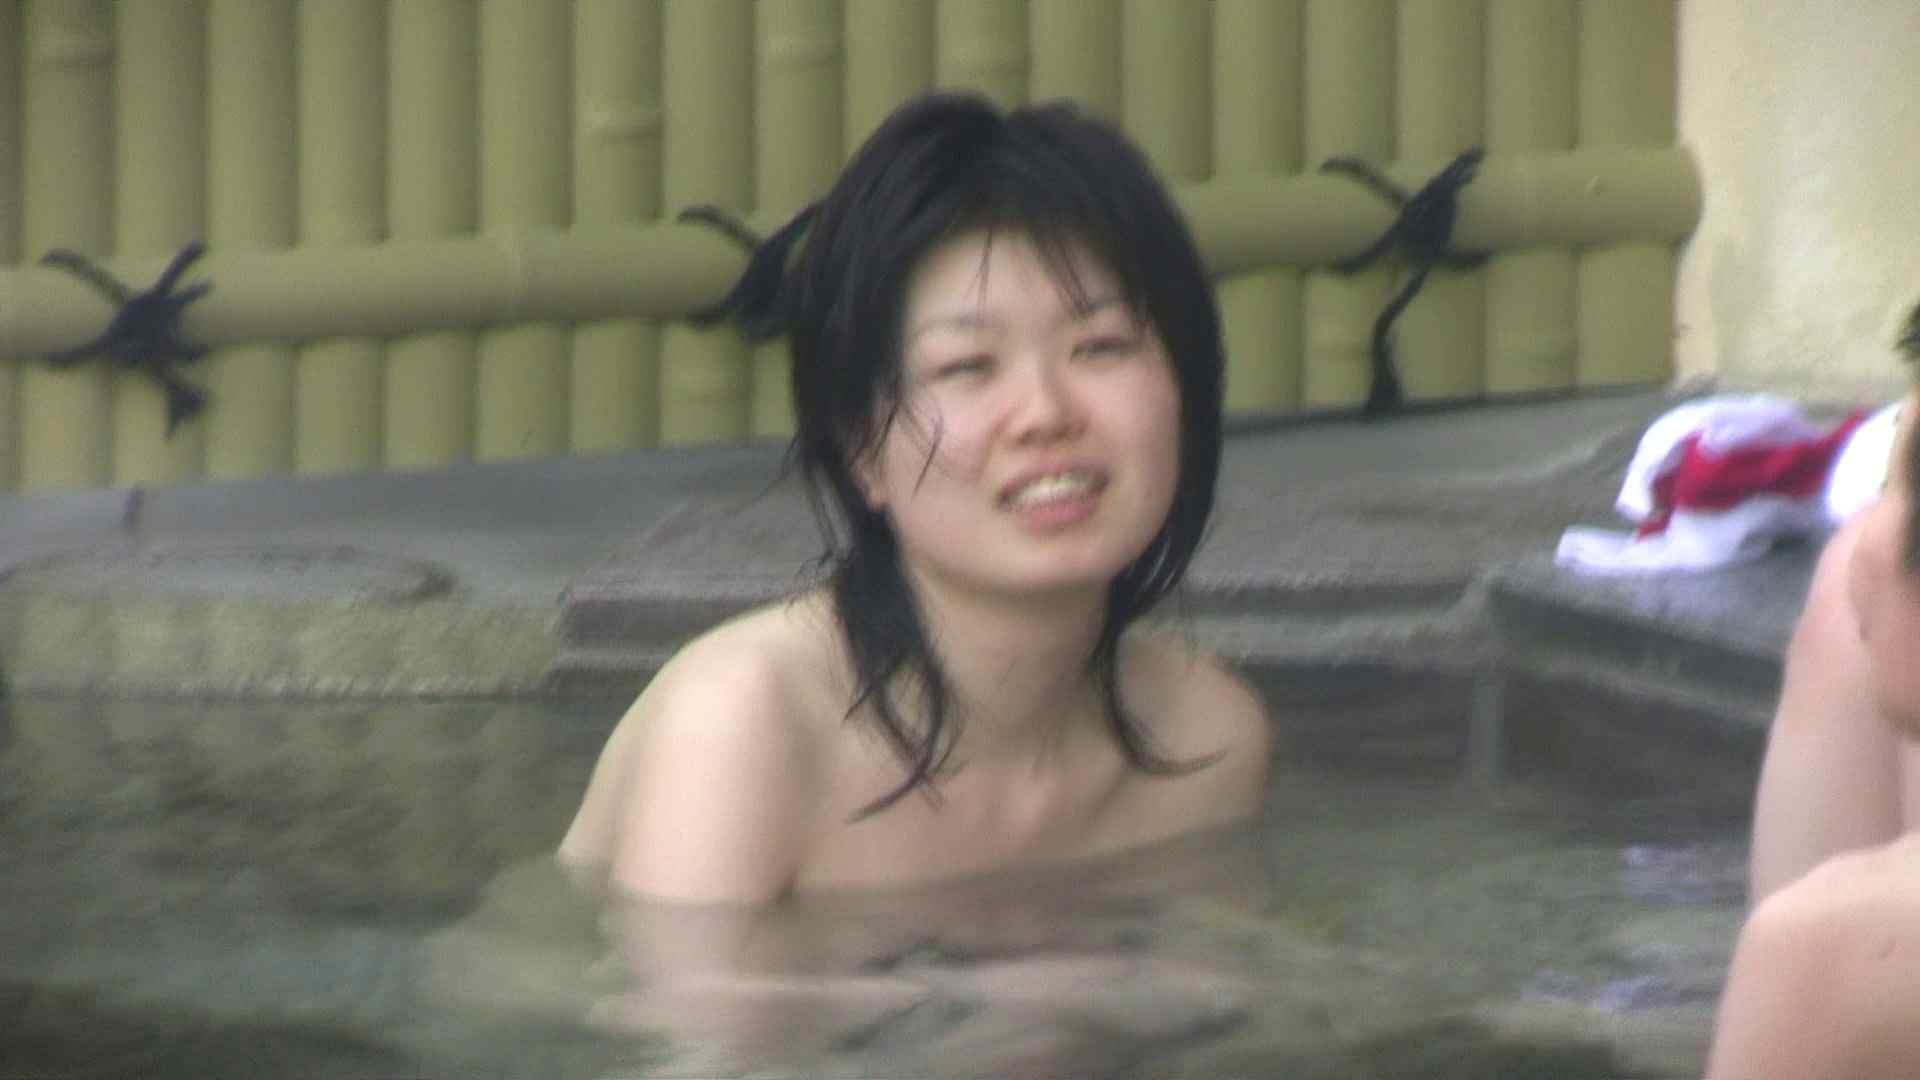 Aquaな露天風呂Vol.677 OLハメ撮り  56Pix 26